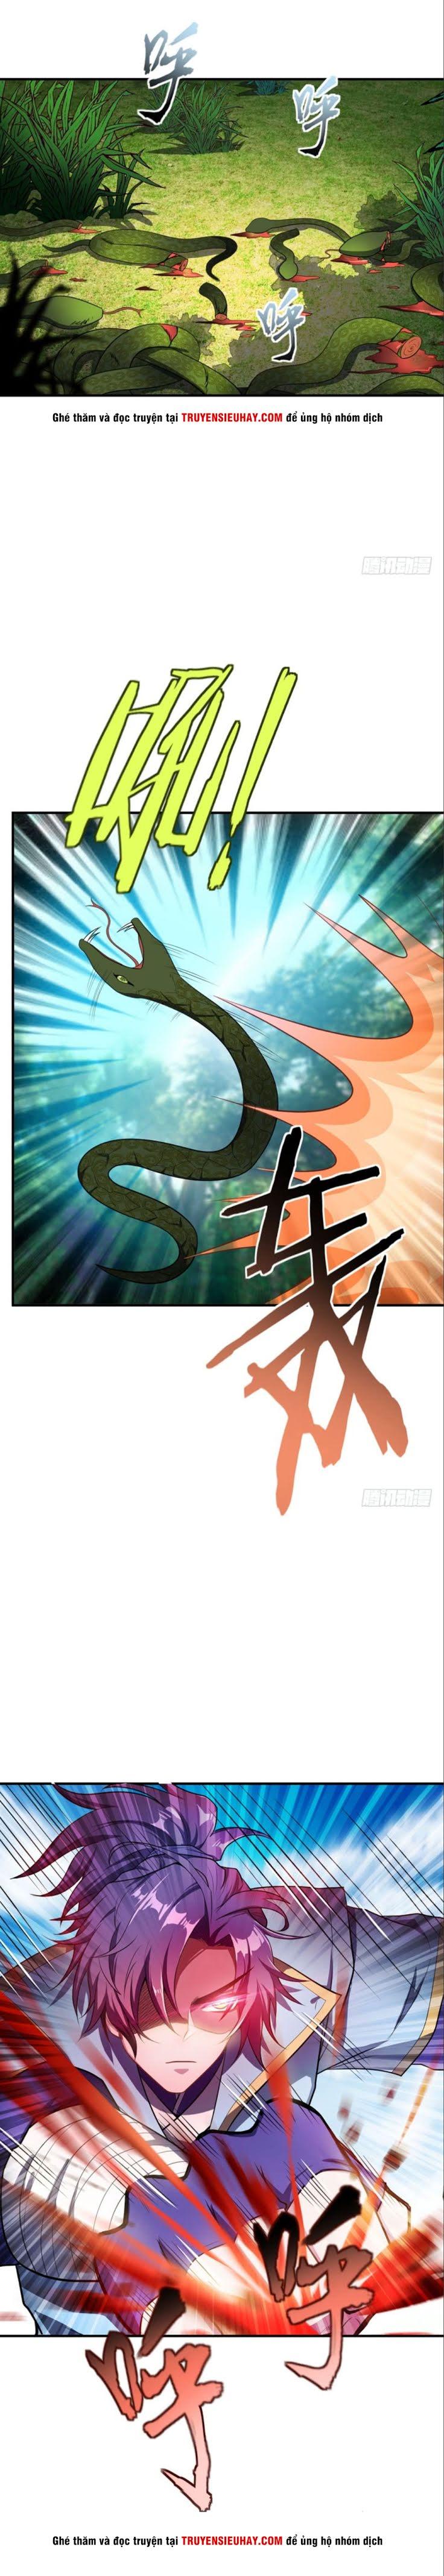 Yêu Giả Vi Vương Chapter 26 video - truyenmh.com